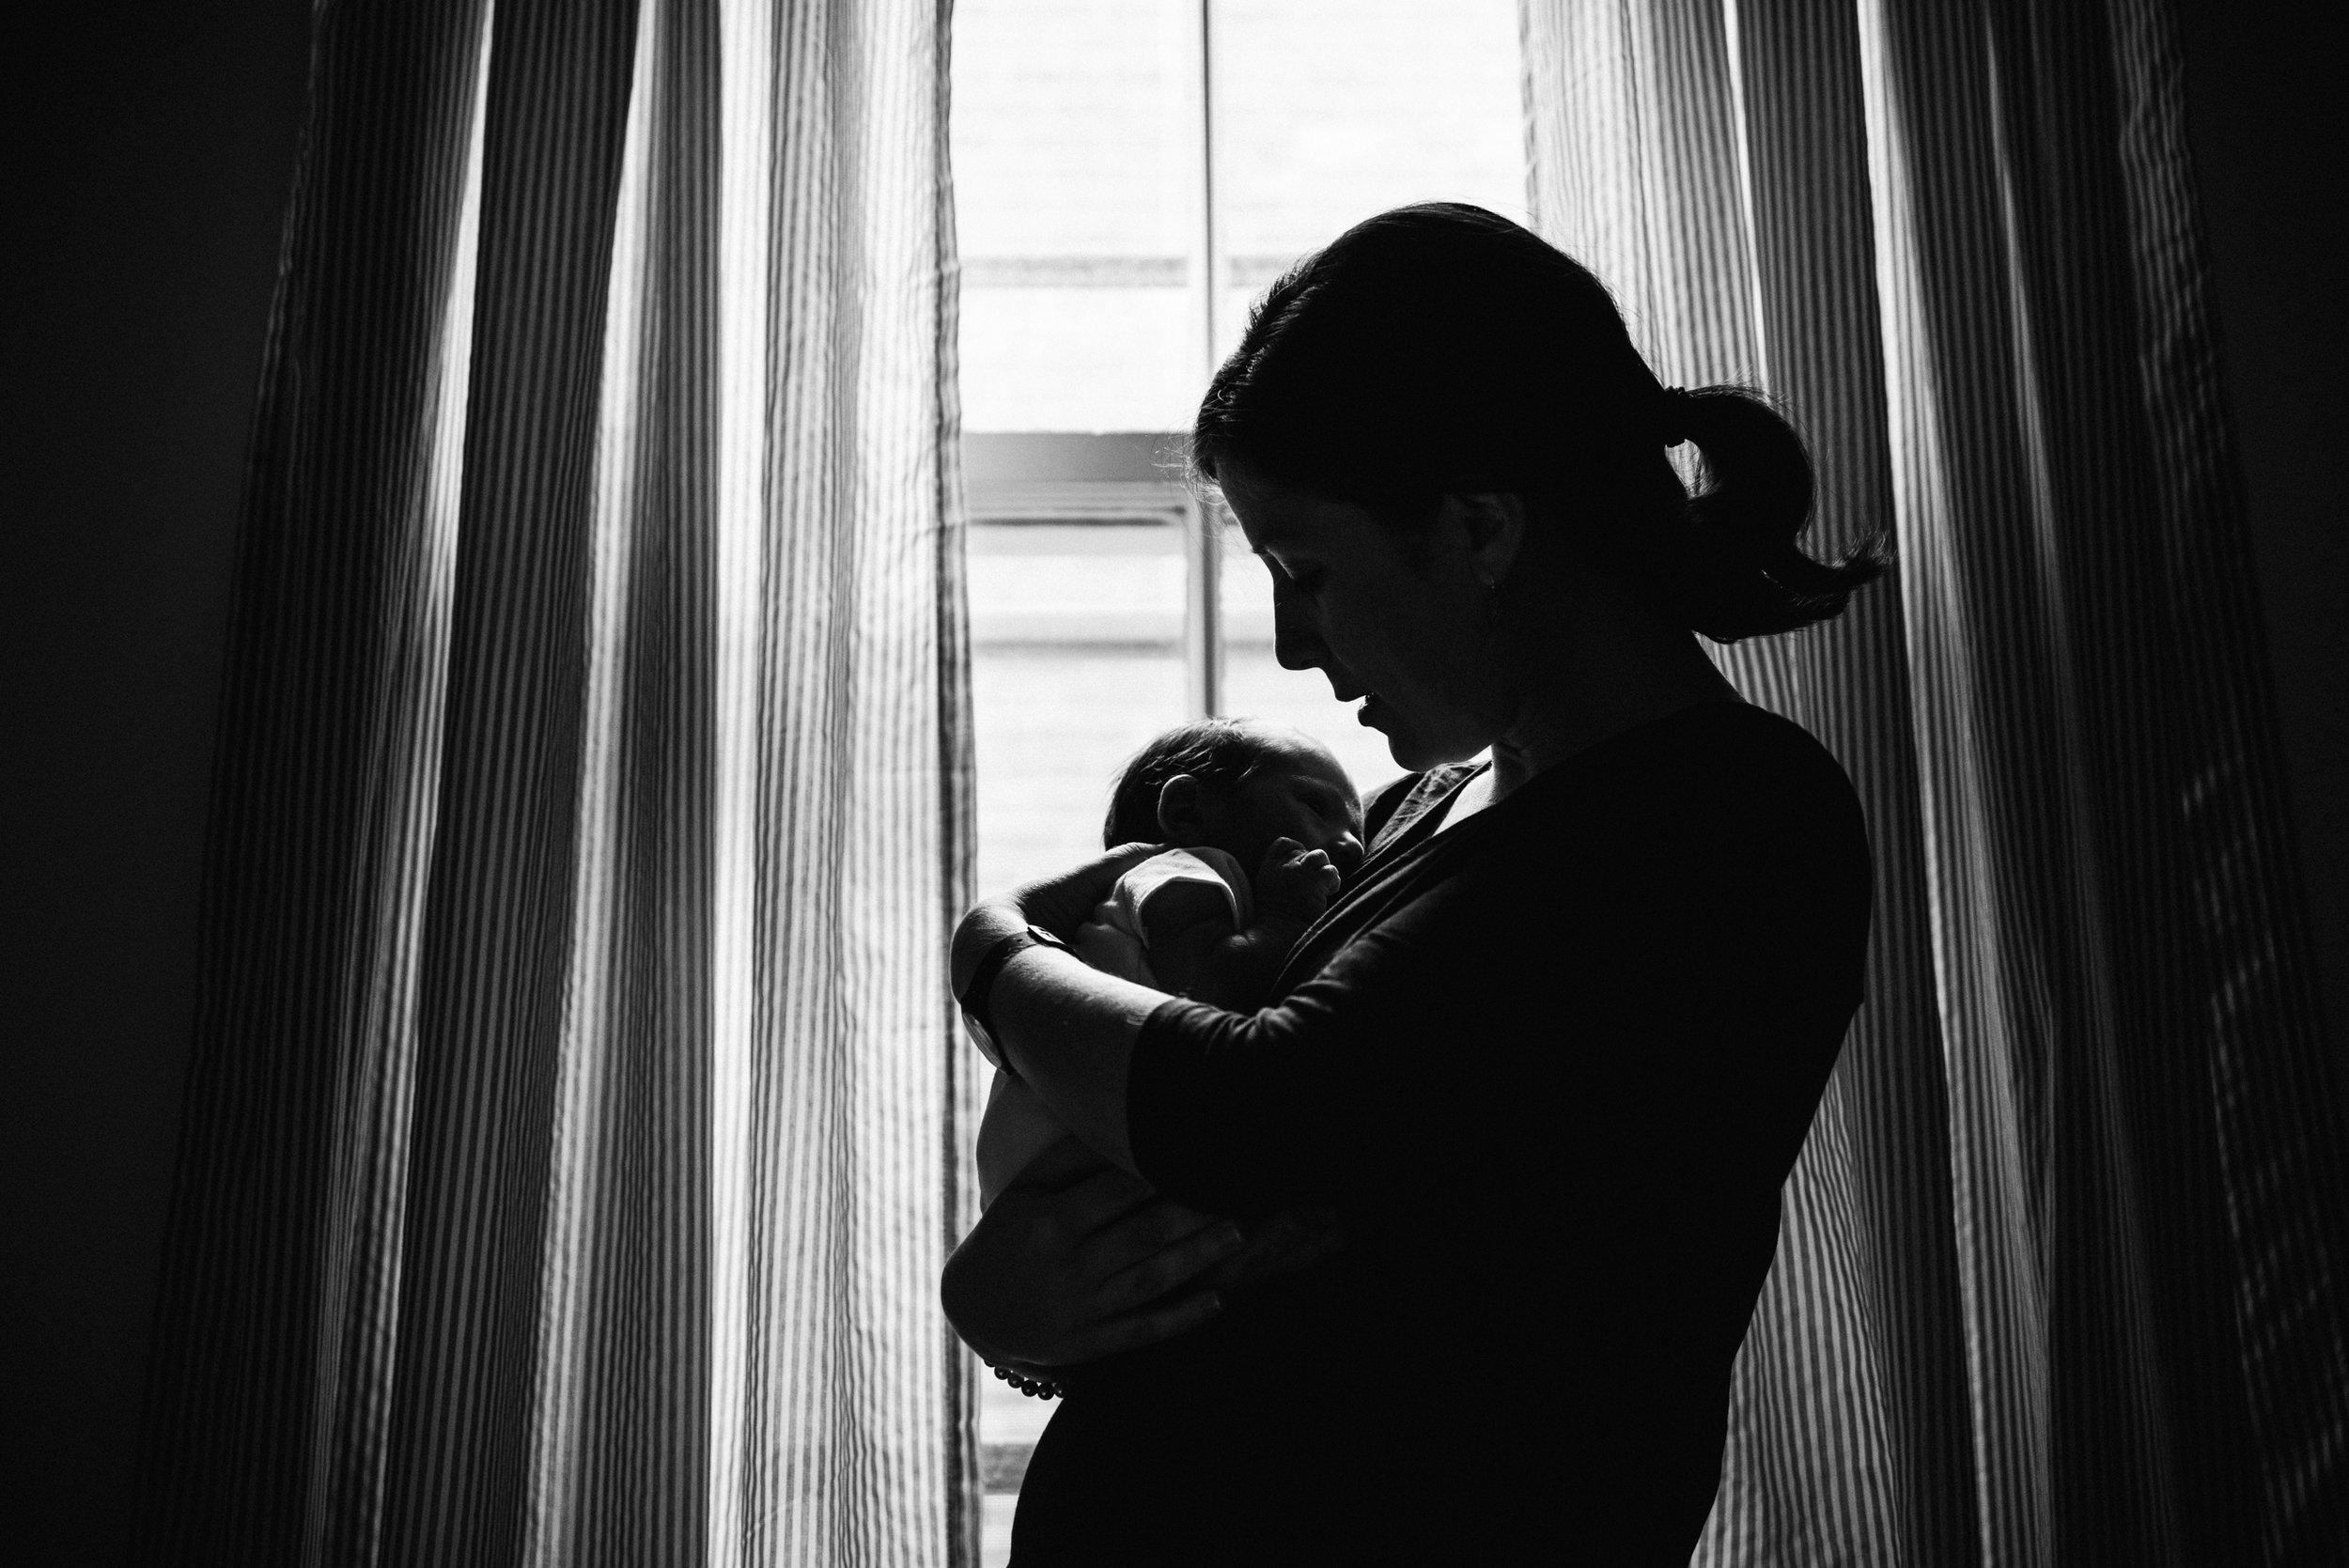 045-photo-noir-et-blanc-d-une-maman-qui-tient-tendrement-son-bebe-dans-ses-bras-devant-une-fenetrephotographe-lifestyle-famille-et-nouveau-ne-a-montreal-marianne-charland-424.jpg